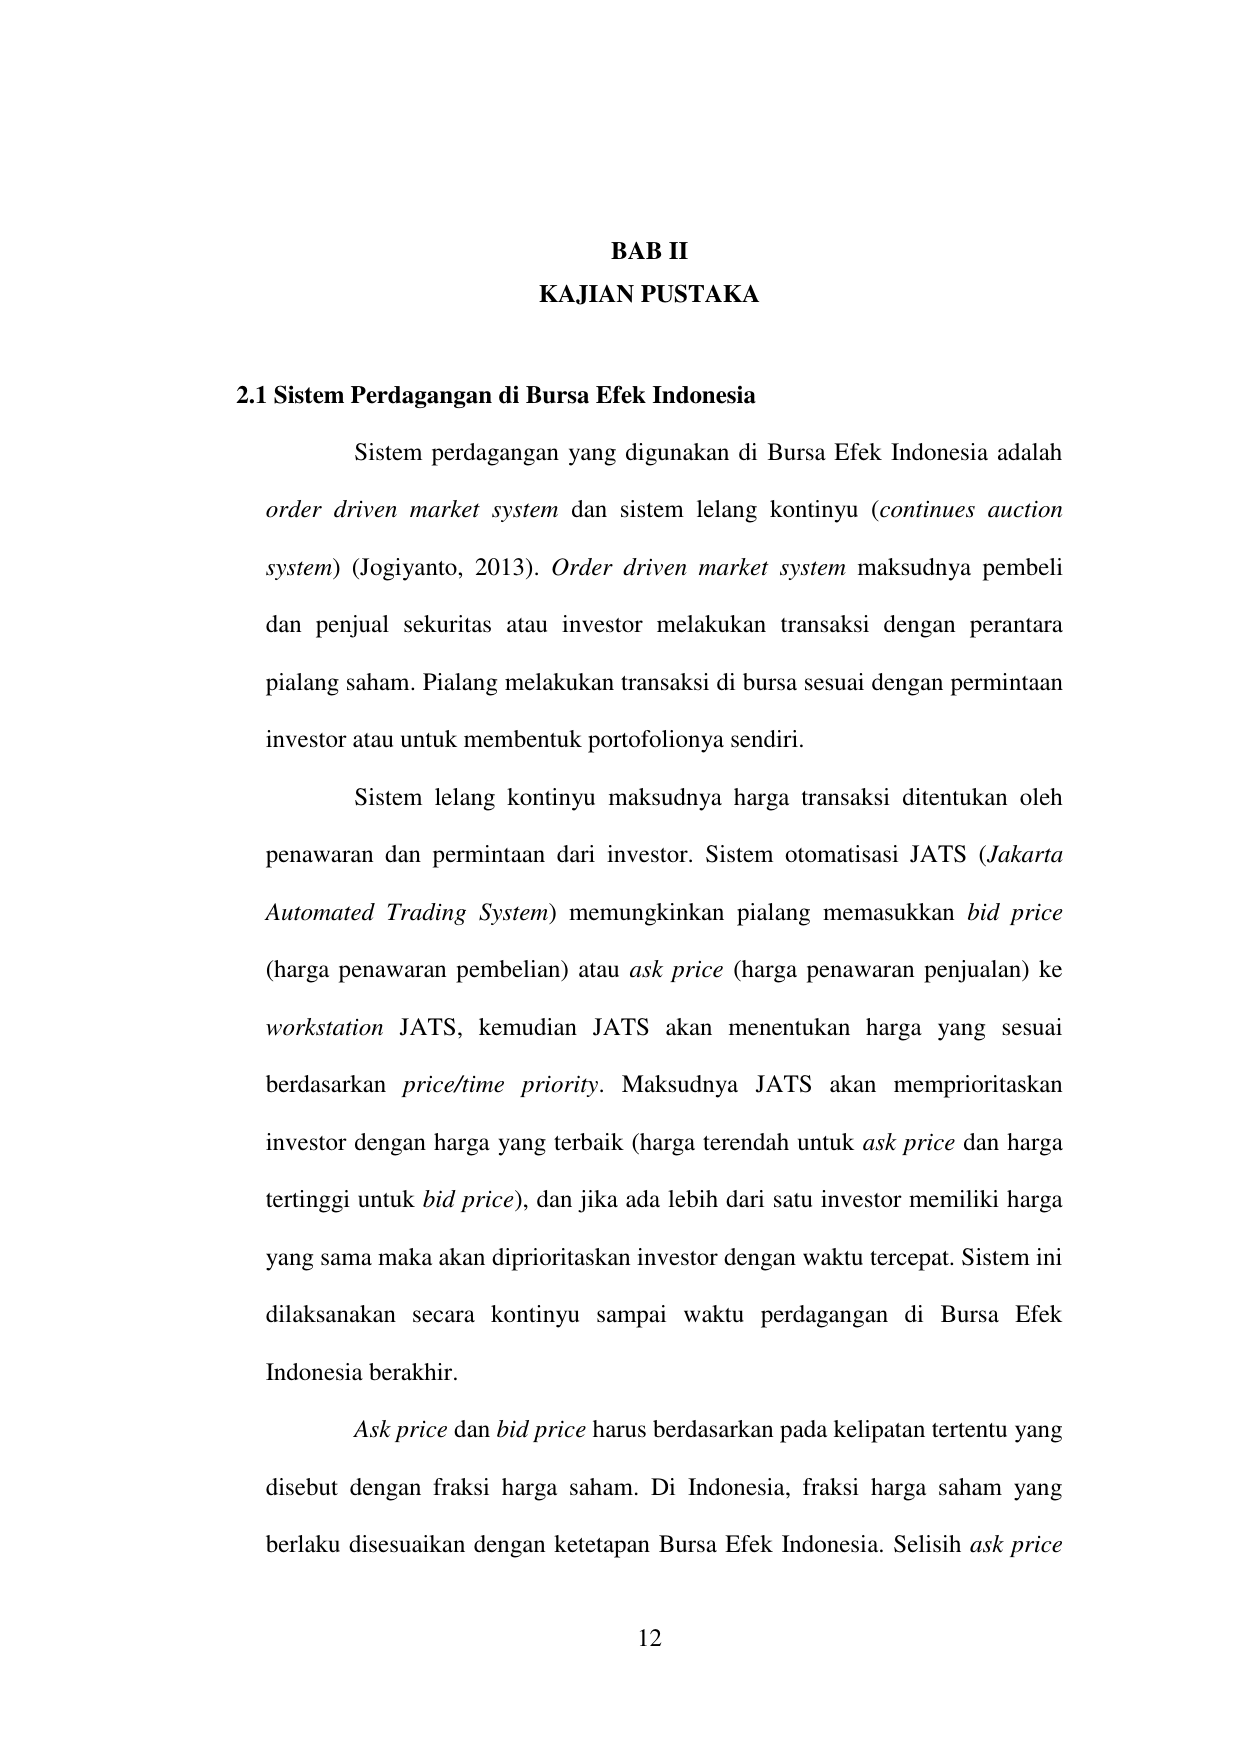 Pemerintah terbitkan PP atur sistem informasi perdagangan